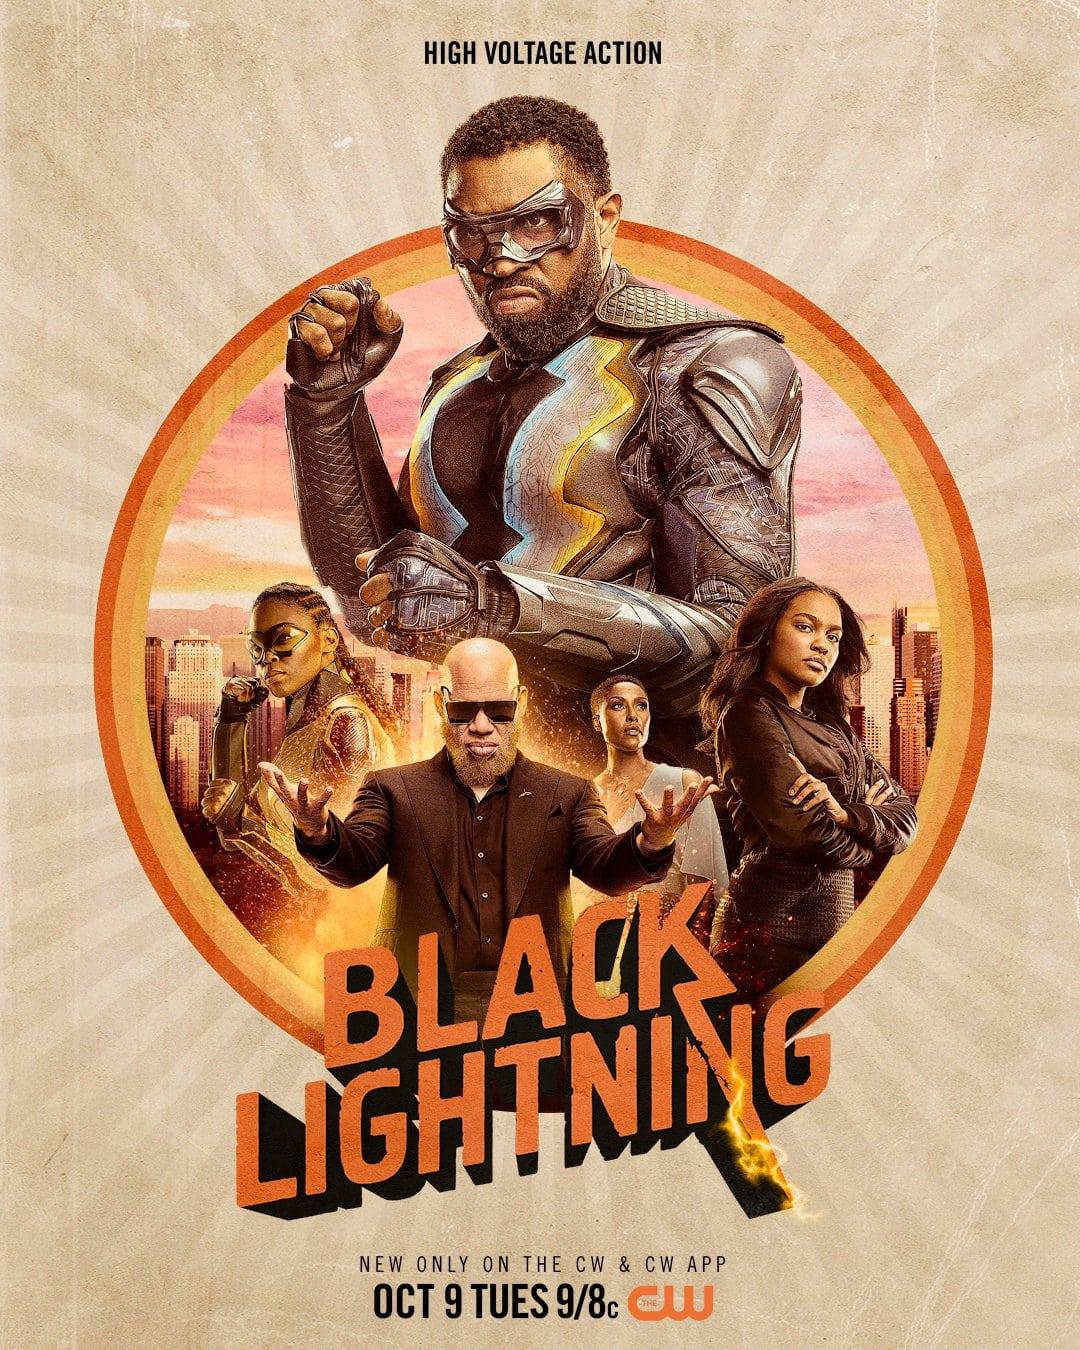 Black-Lightning-s2-poster